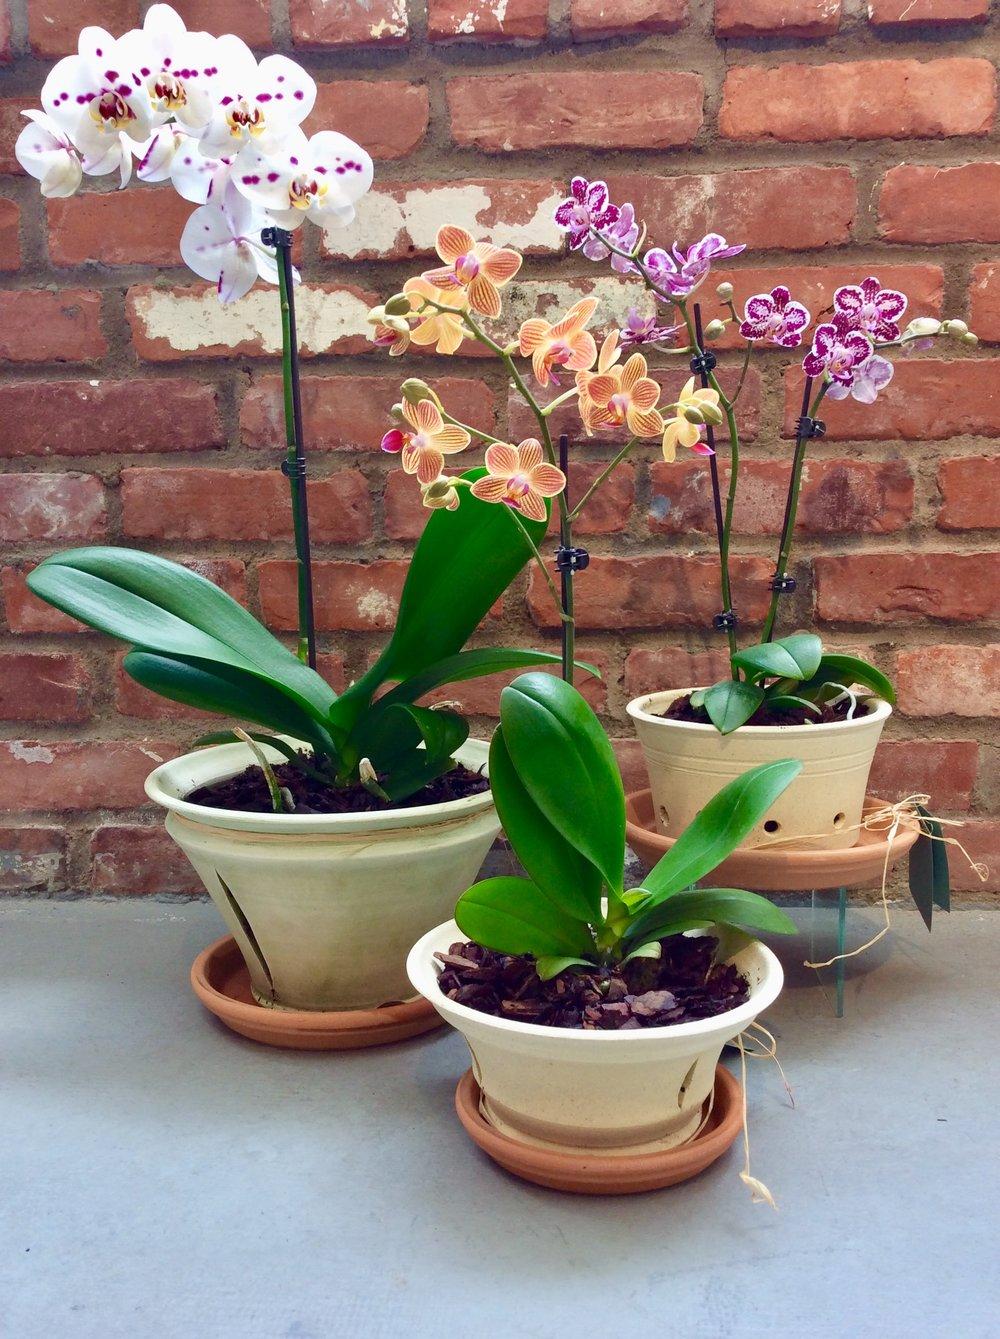 OrchidPotsatRachelKDeLongGallery